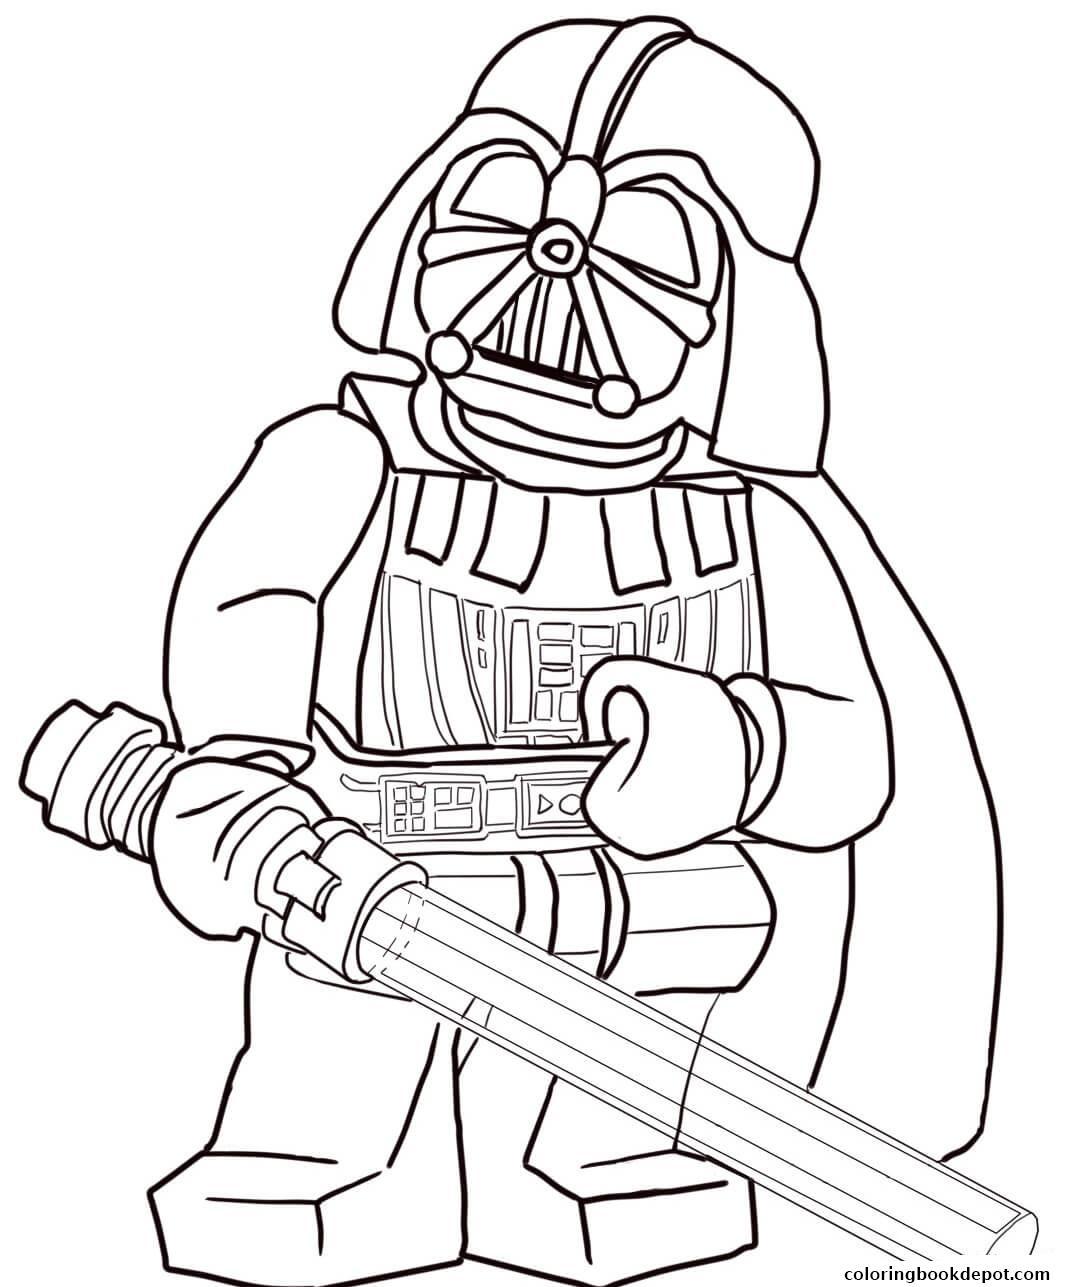 1083x1287 Darth Vader Coloring Pages Lego Star Wars Ribsvigyapan Darth Darth